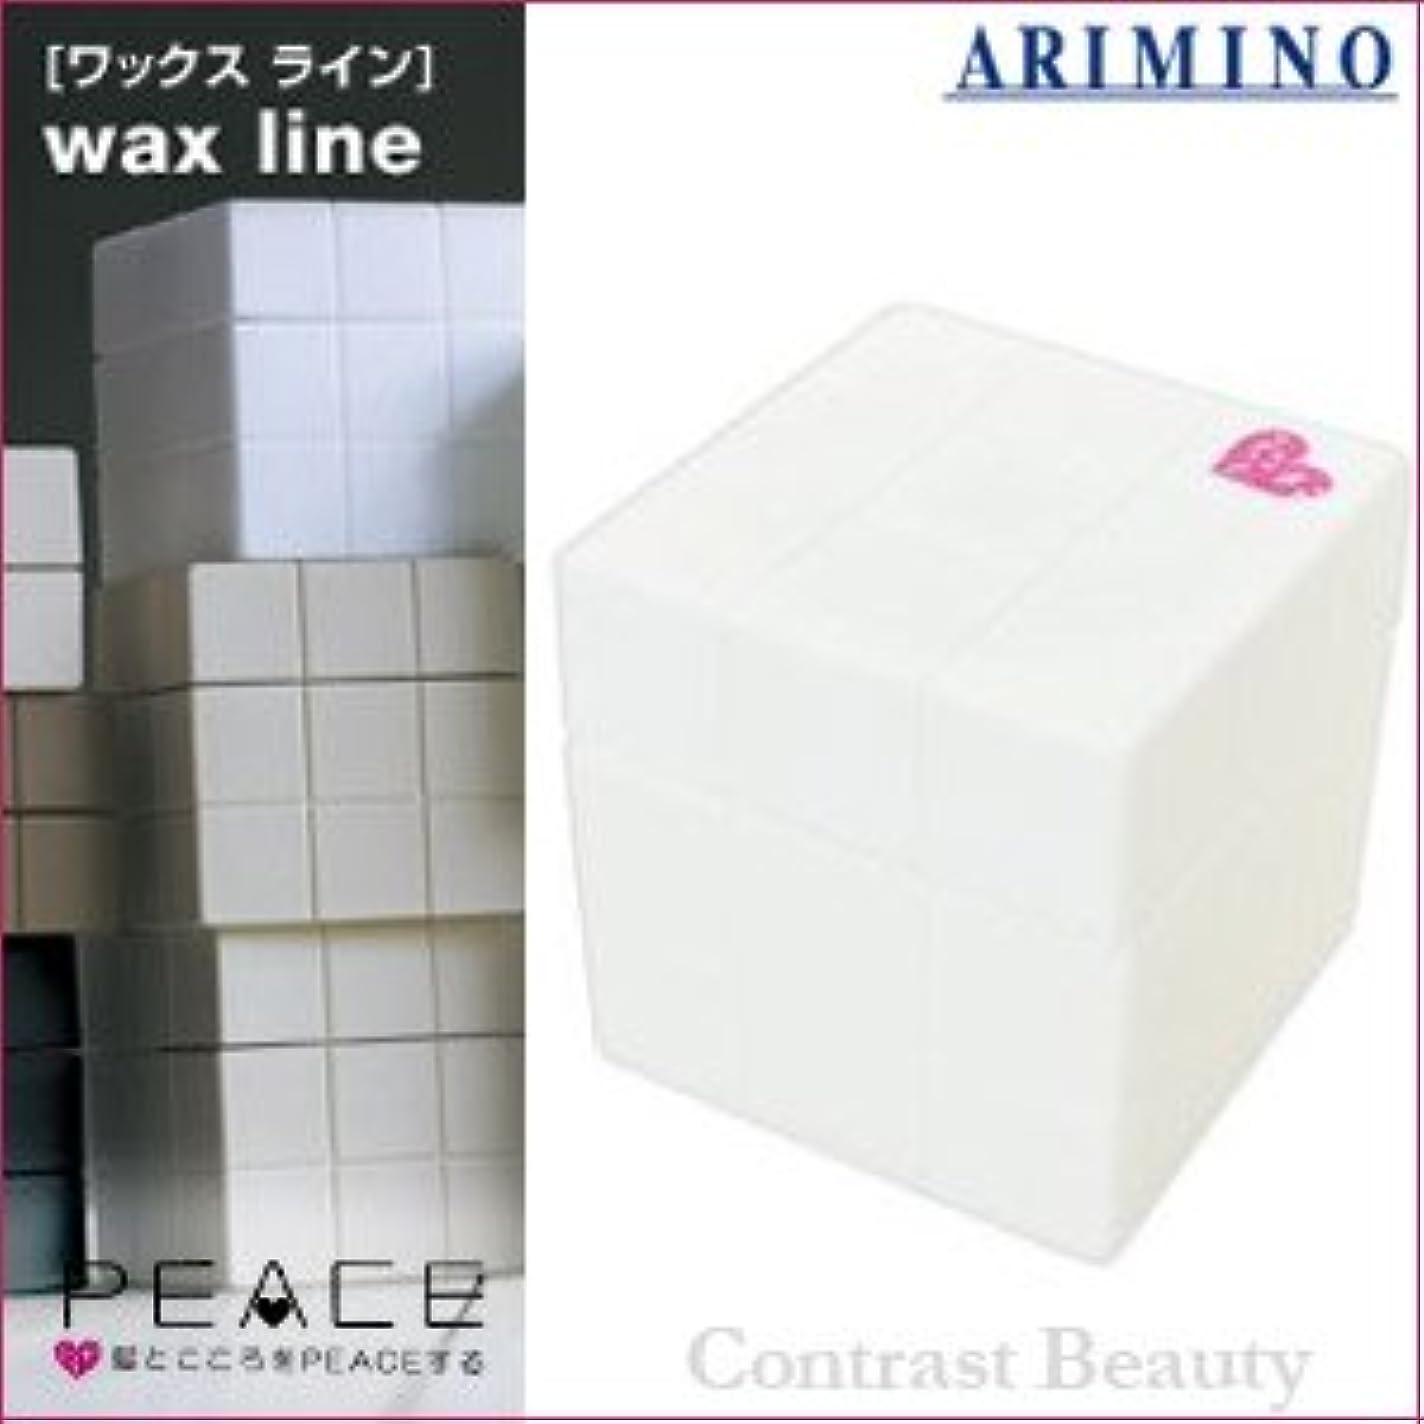 エジプト人脅威玉ねぎ【X5個セット】 アリミノ ピース プロデザインシリーズ グロスワックス ホワイト 80g ARIMINO